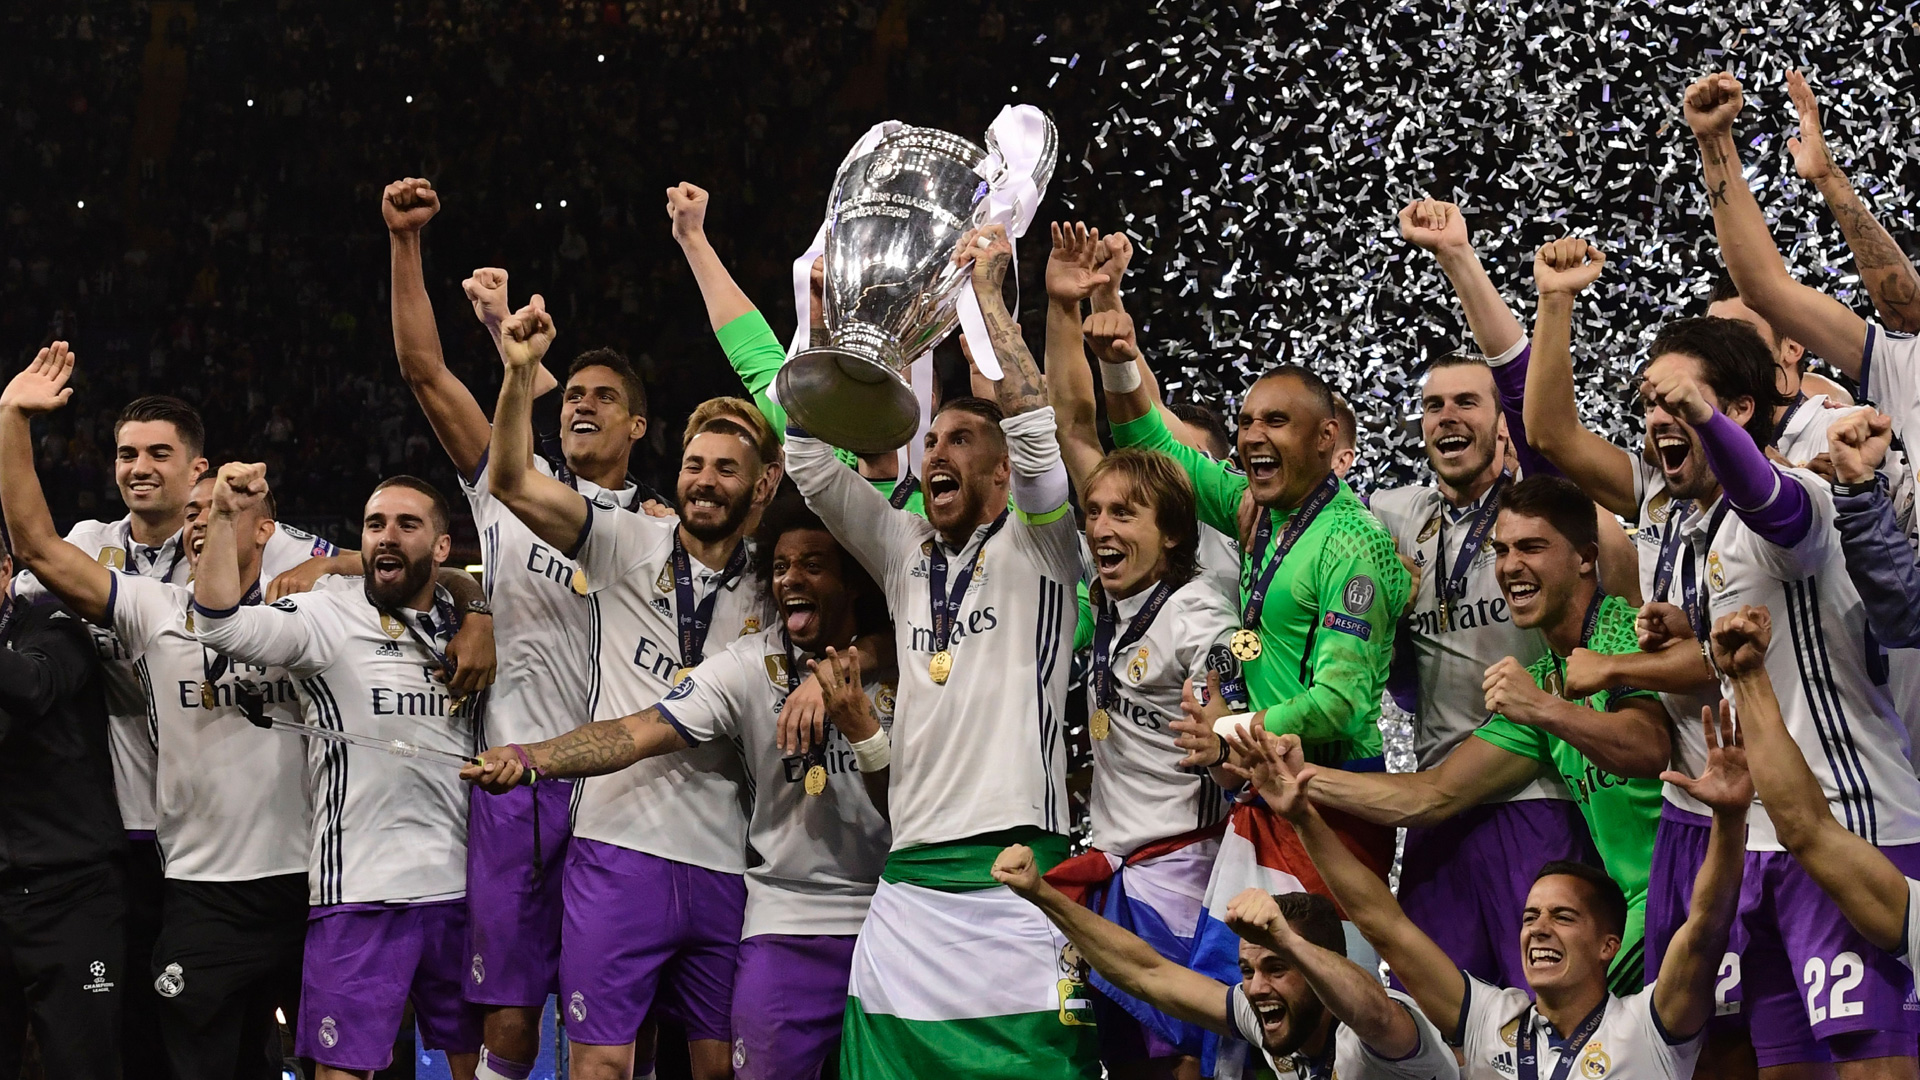 欧冠决赛前瞻 利物浦皇马决战紫禁之巅图片